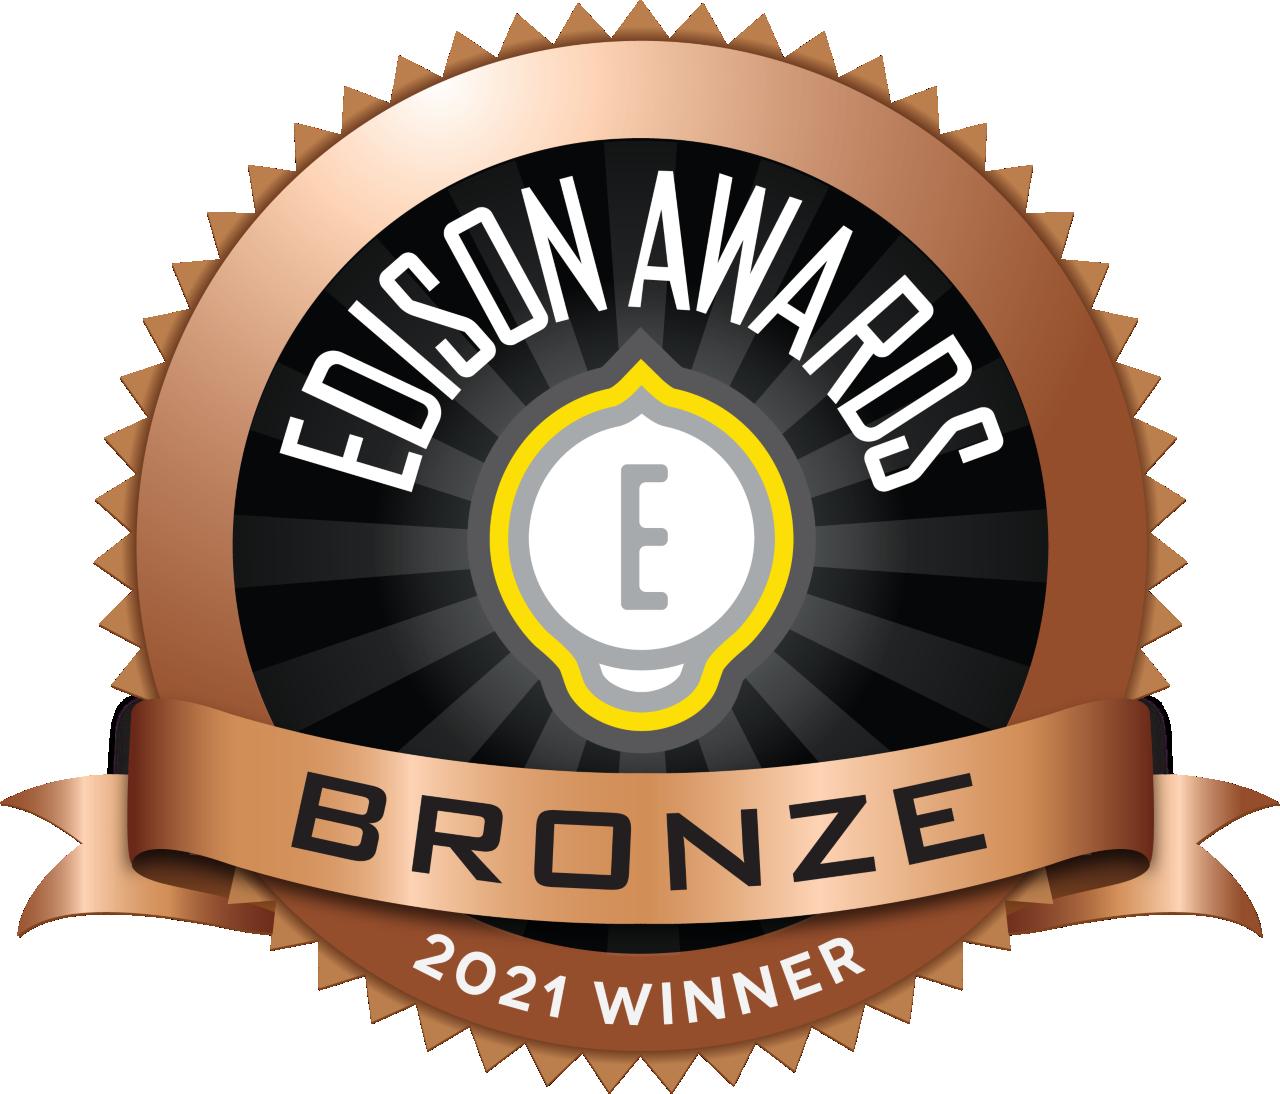 Logo for 2021 Edison Awards Winner - Sika - Bronze